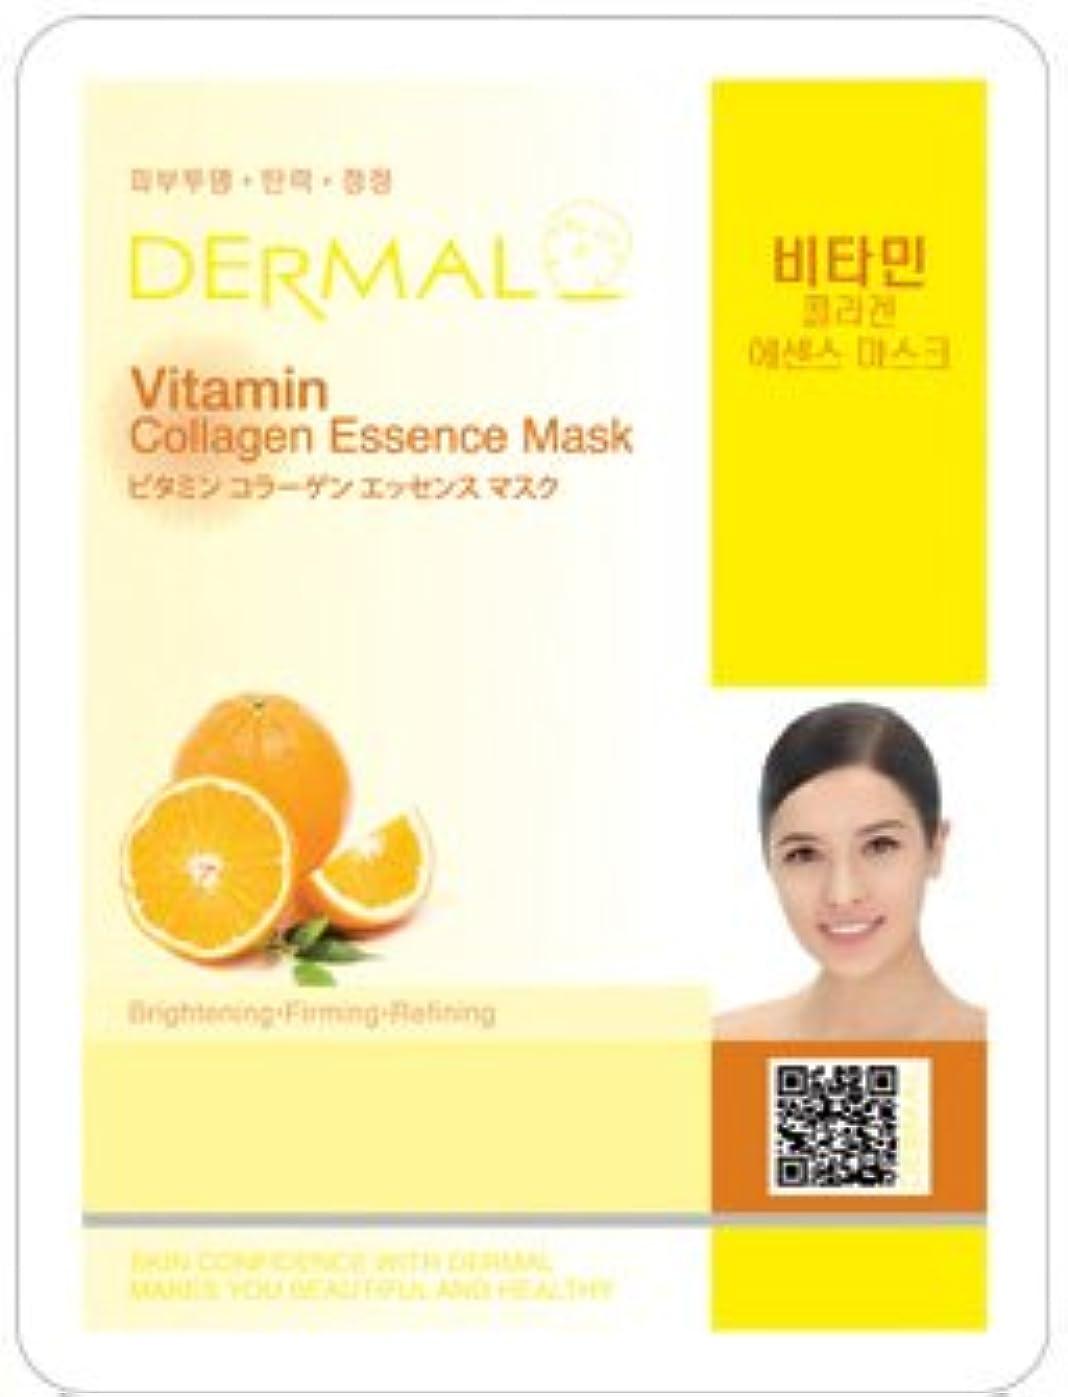 植木配る精算シートマスク ビタミン 10枚セット ダーマル(Dermal) フェイス パック